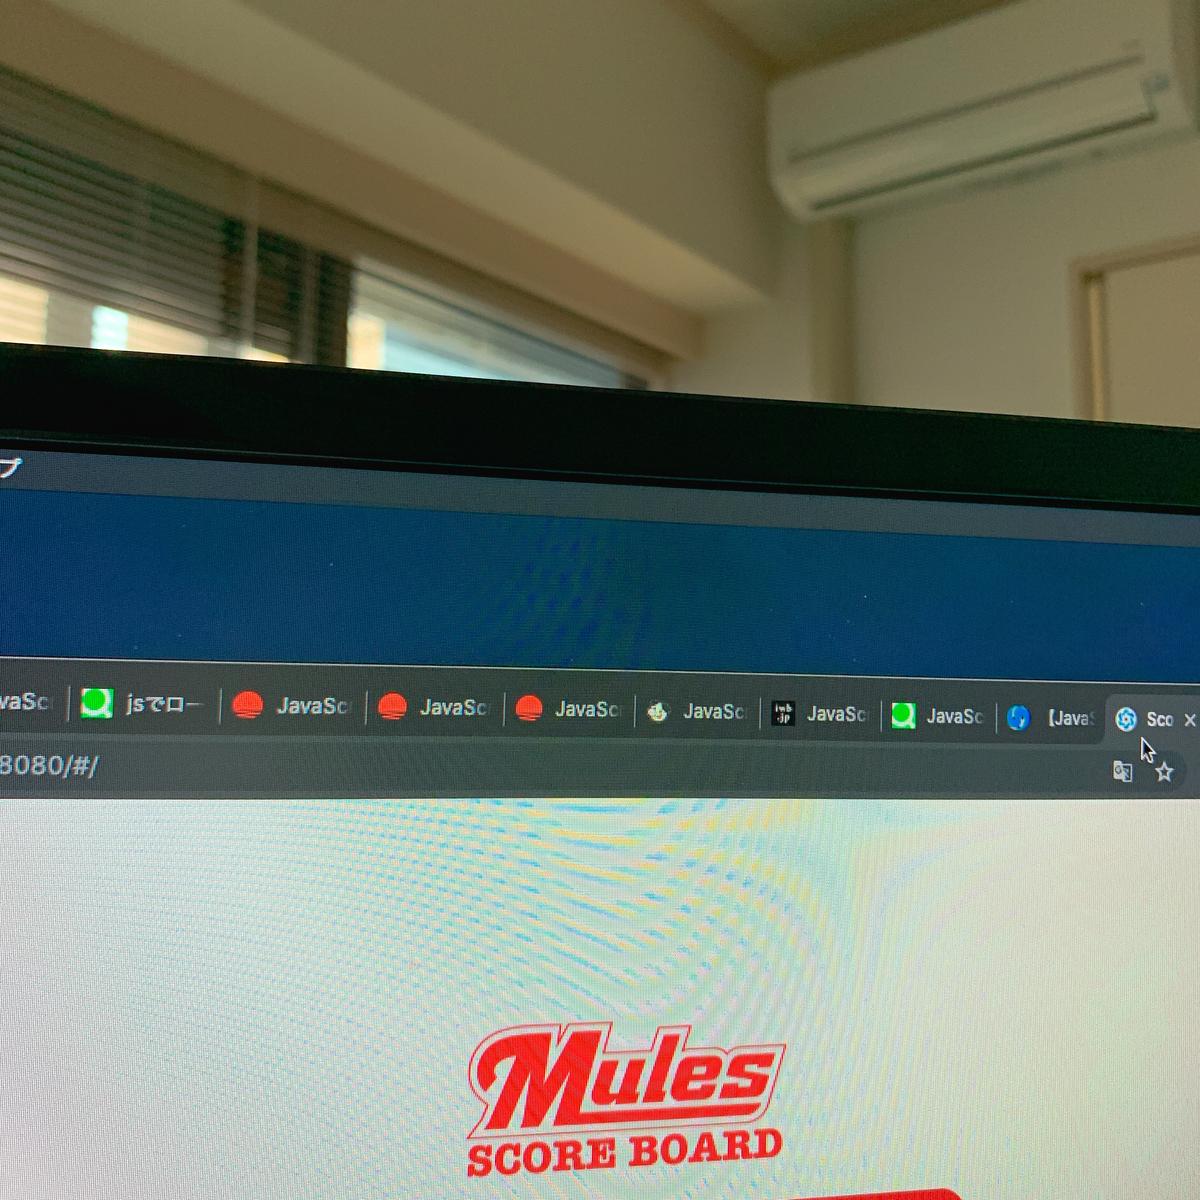 f:id:mules_team:20191121100937j:plain